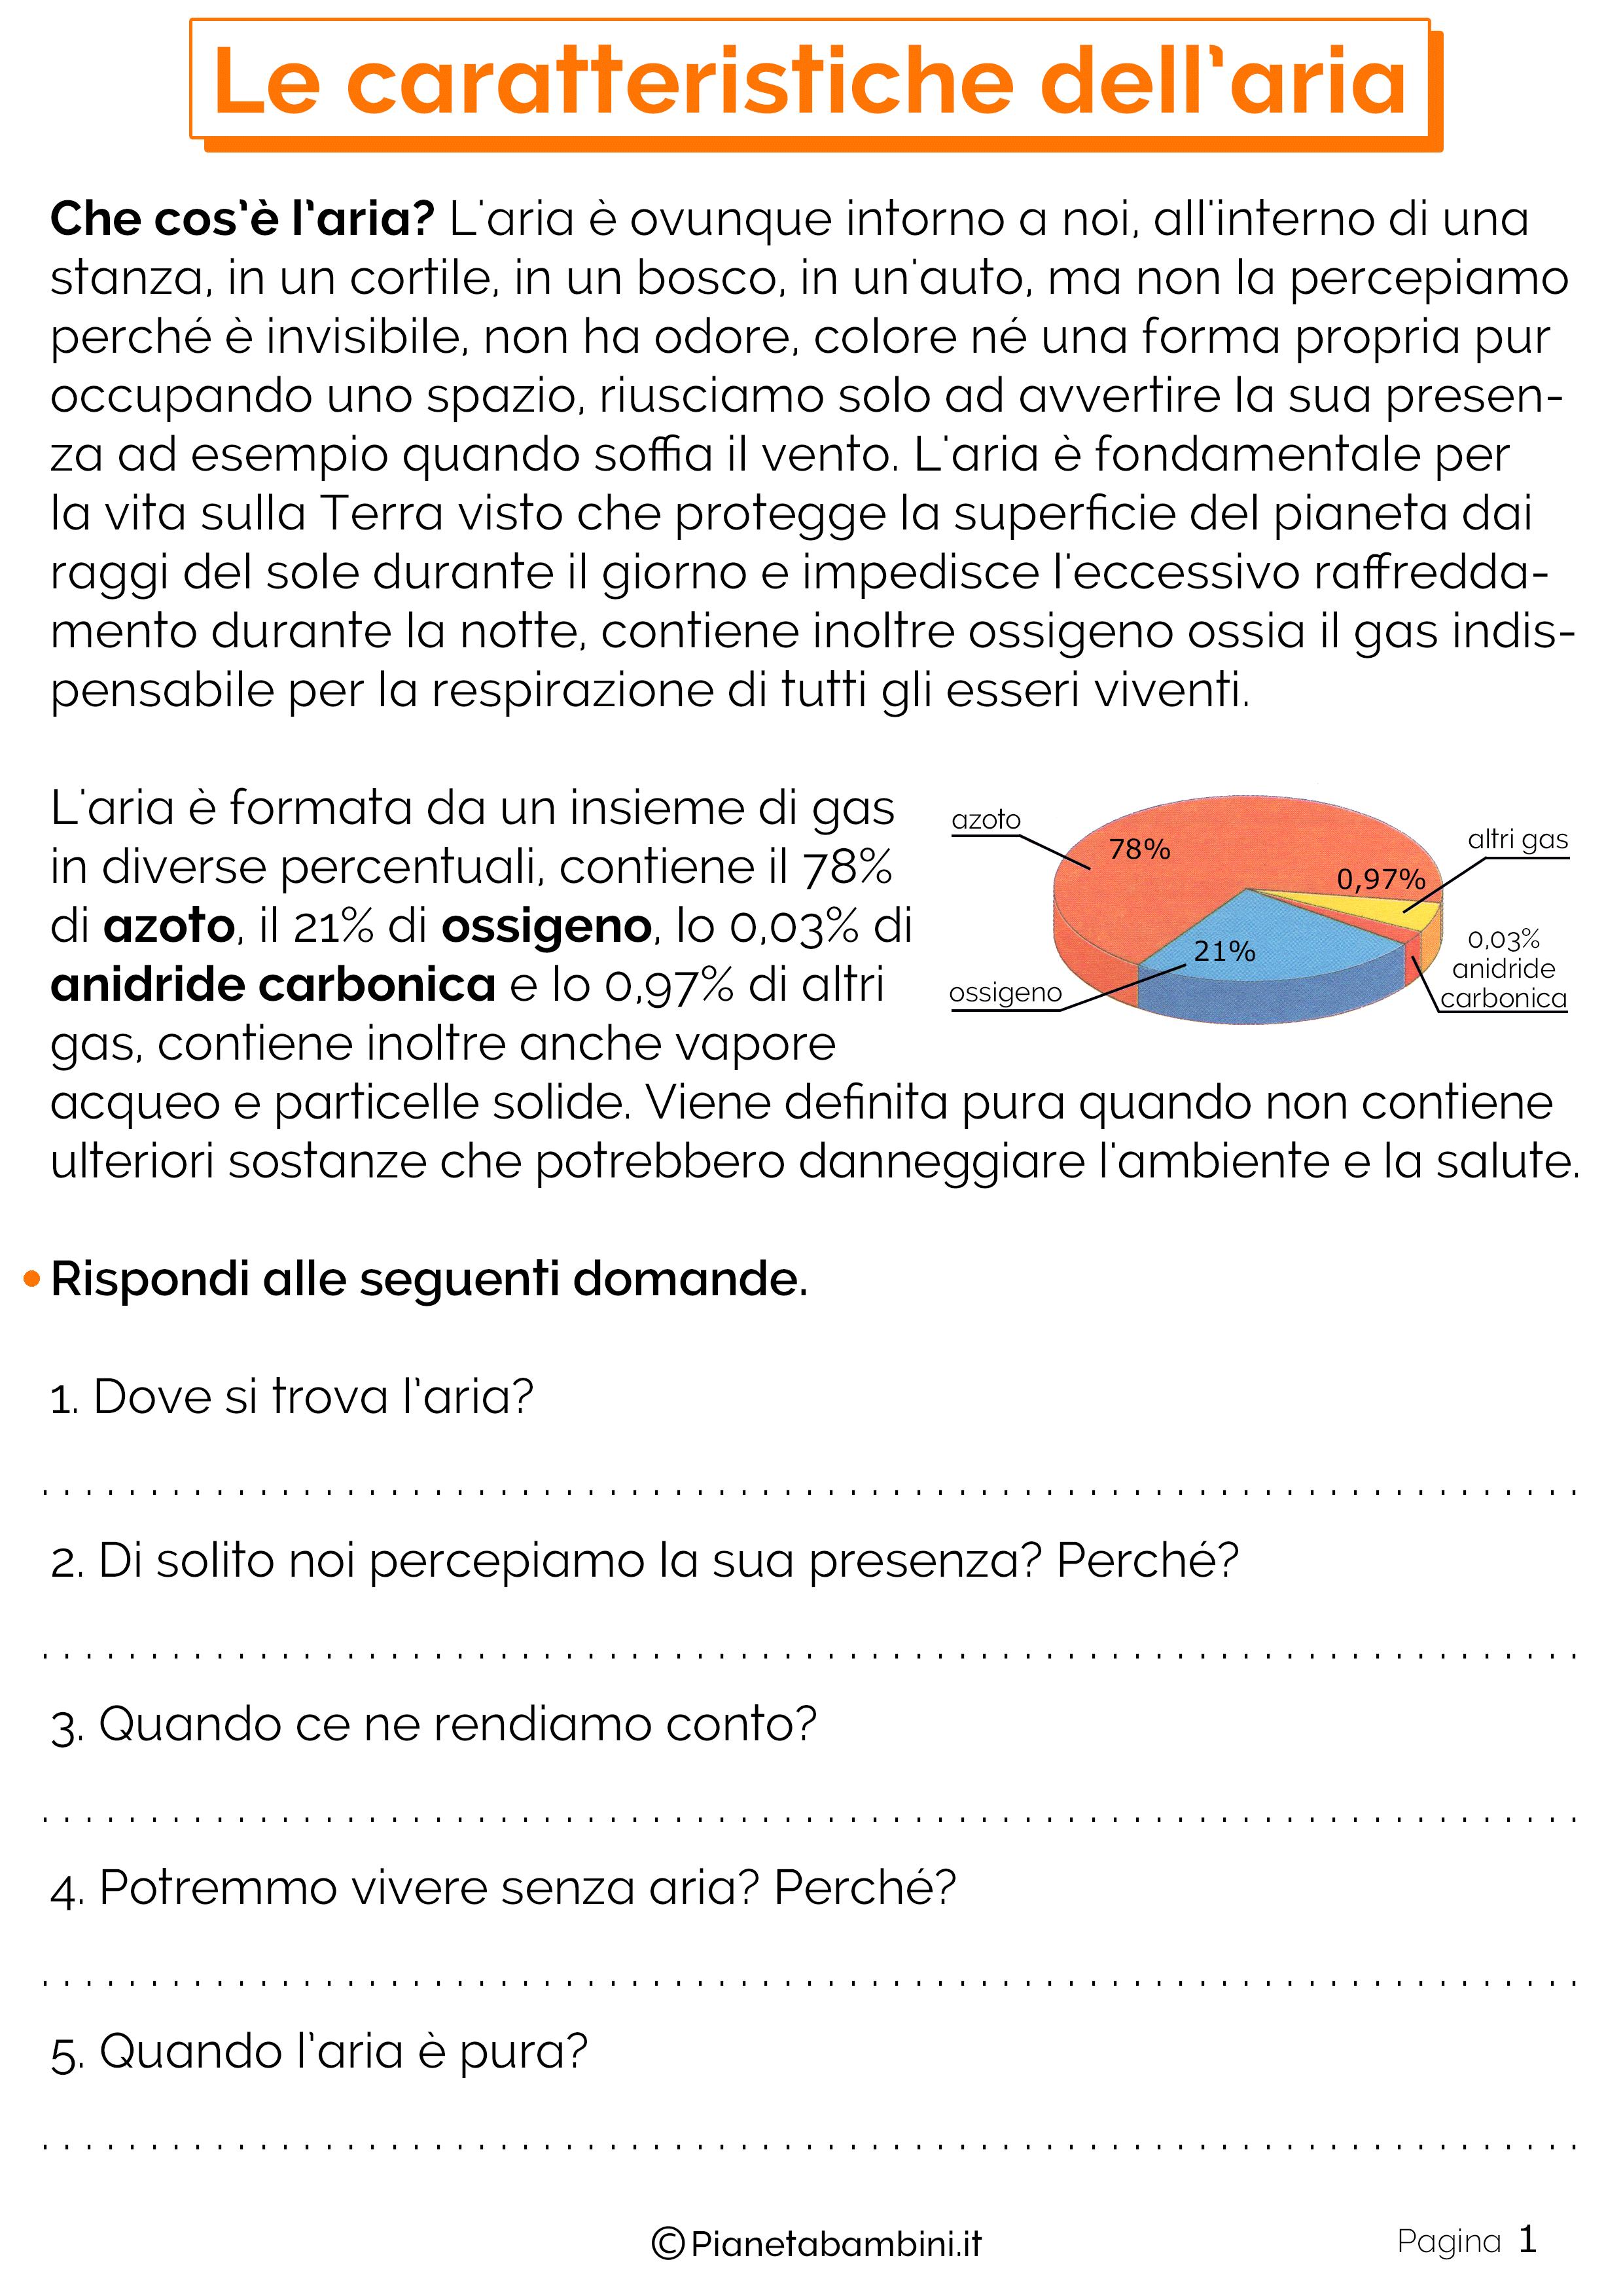 Esercizi sulle caratteristiche dell'aria